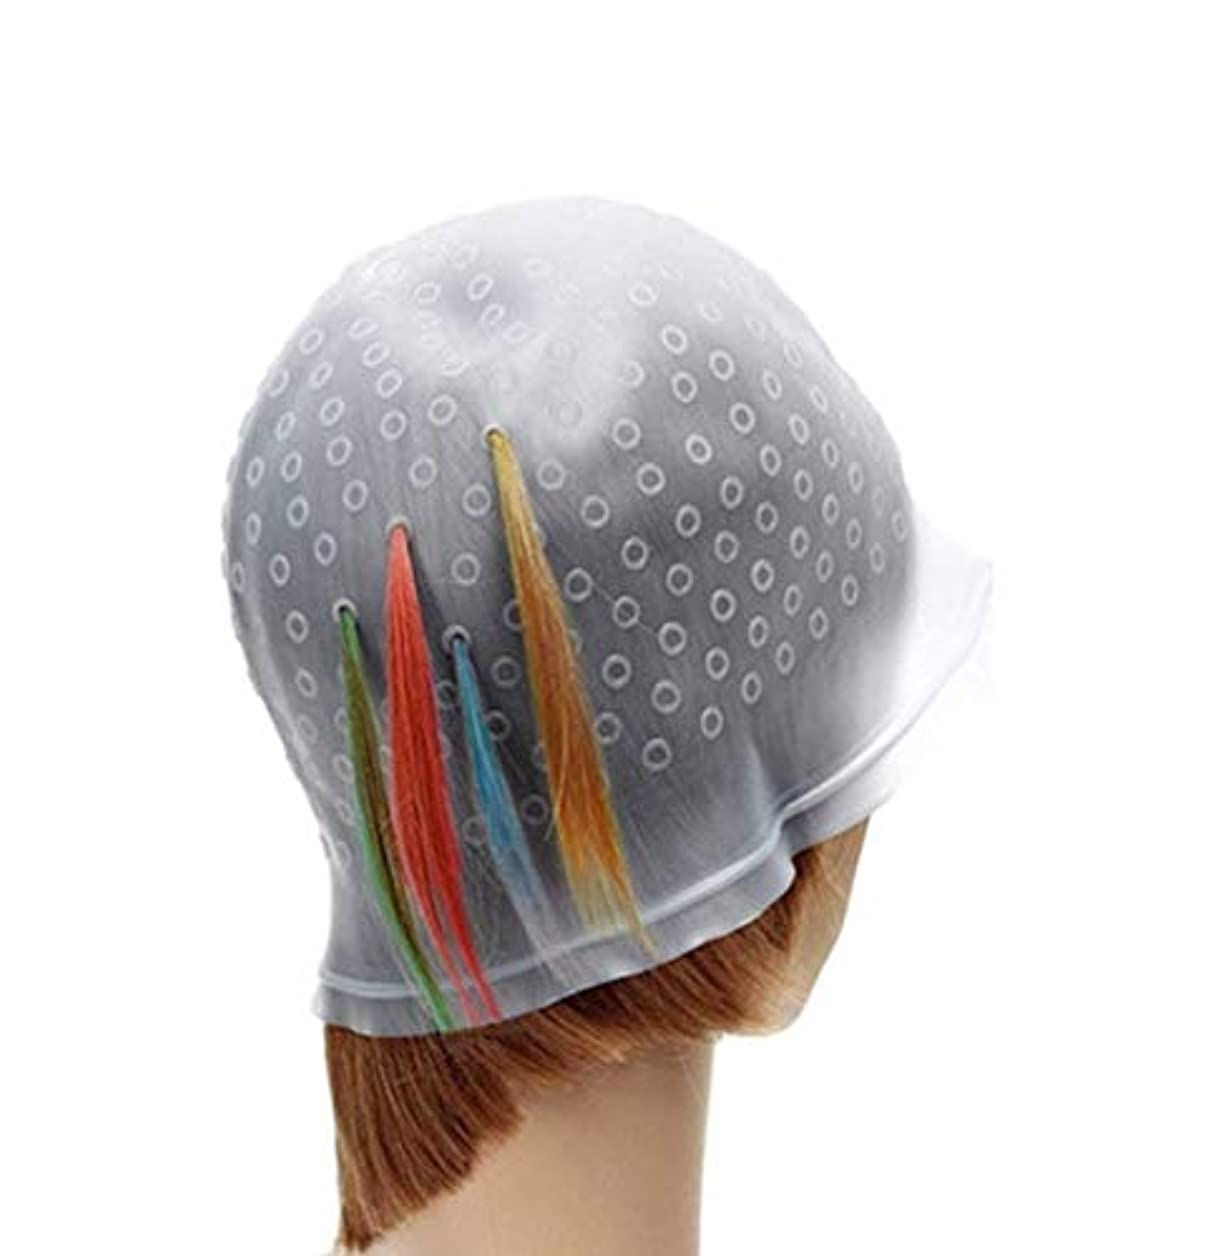 フォーマル咲く便利さFACAI 洗って使える 毛染め ヘアカラー メッシュ 用 シリコン ヘア キャップ 穴あけポンチ シリコン キャップ (透明)